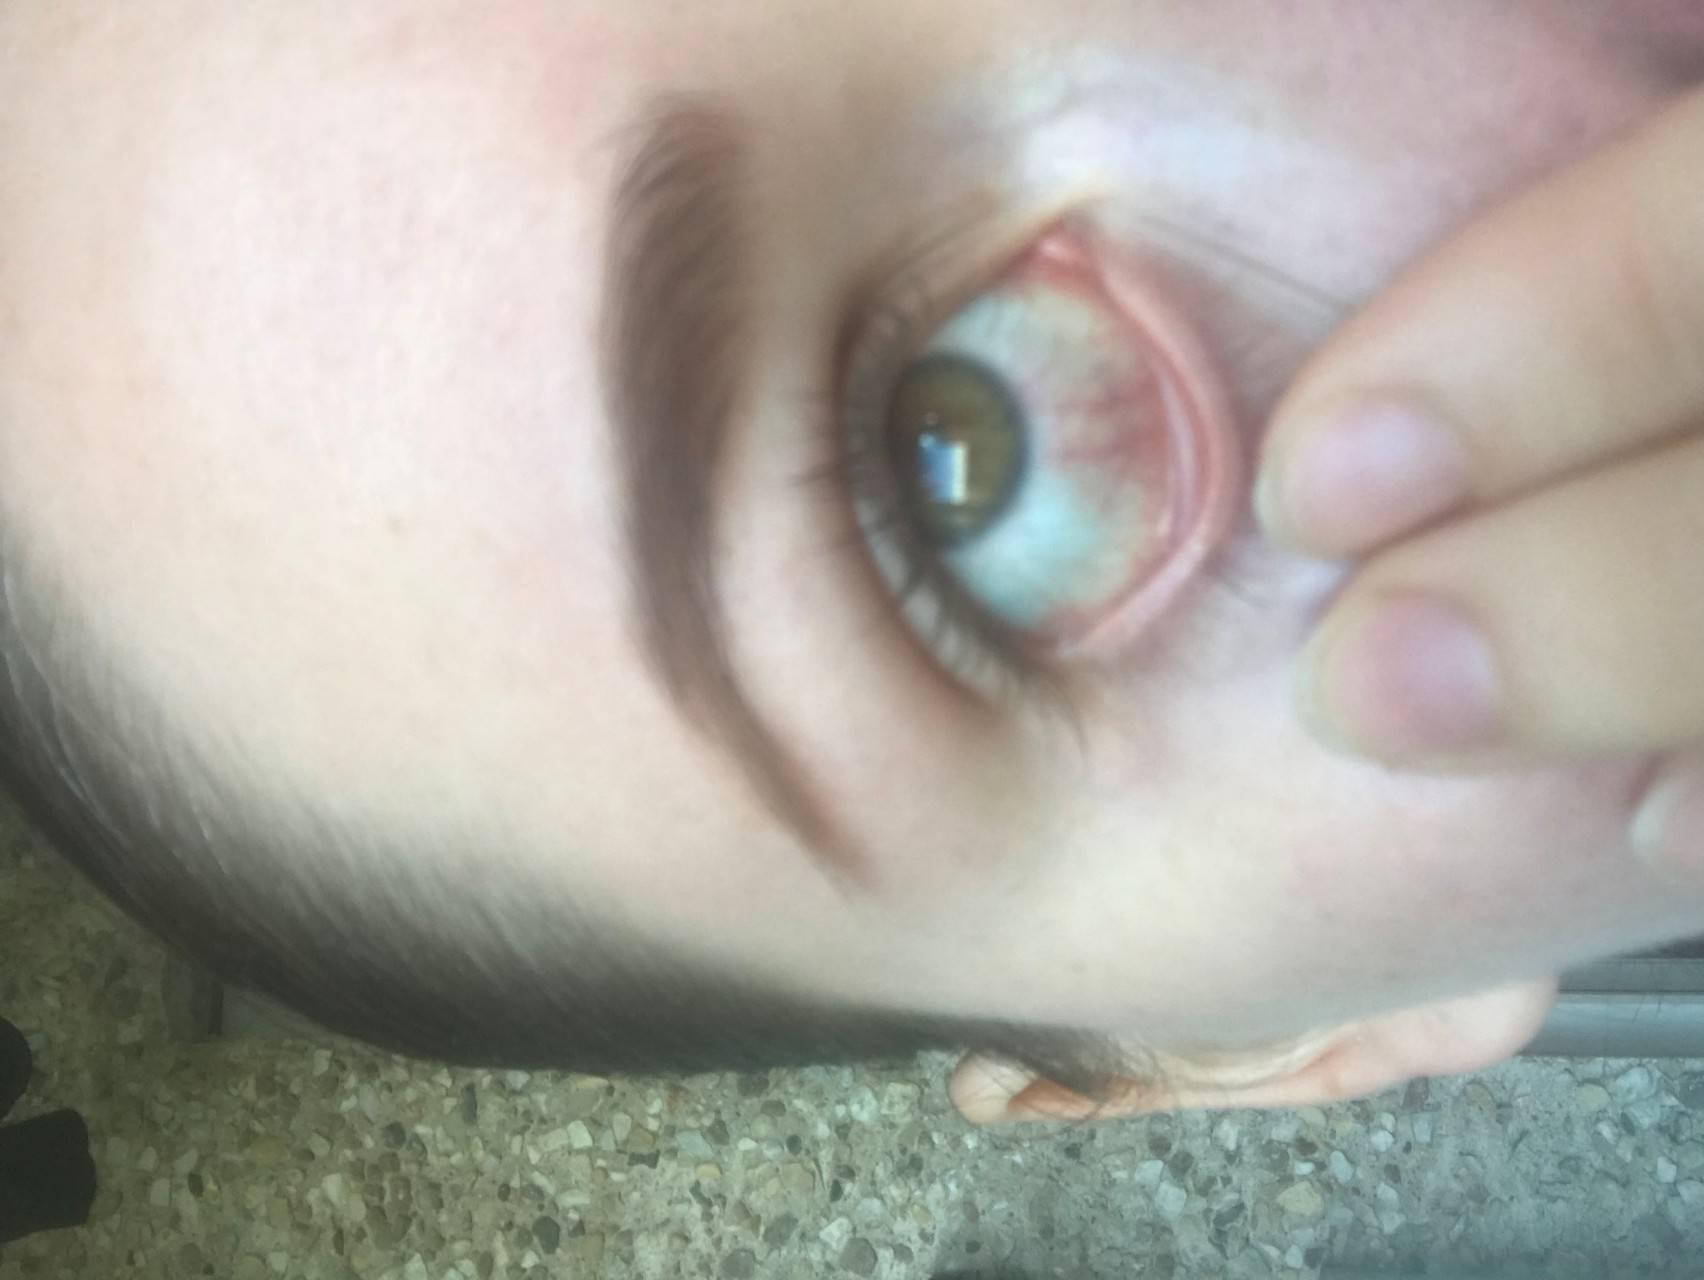 Глаза покраснели болят и слезятся